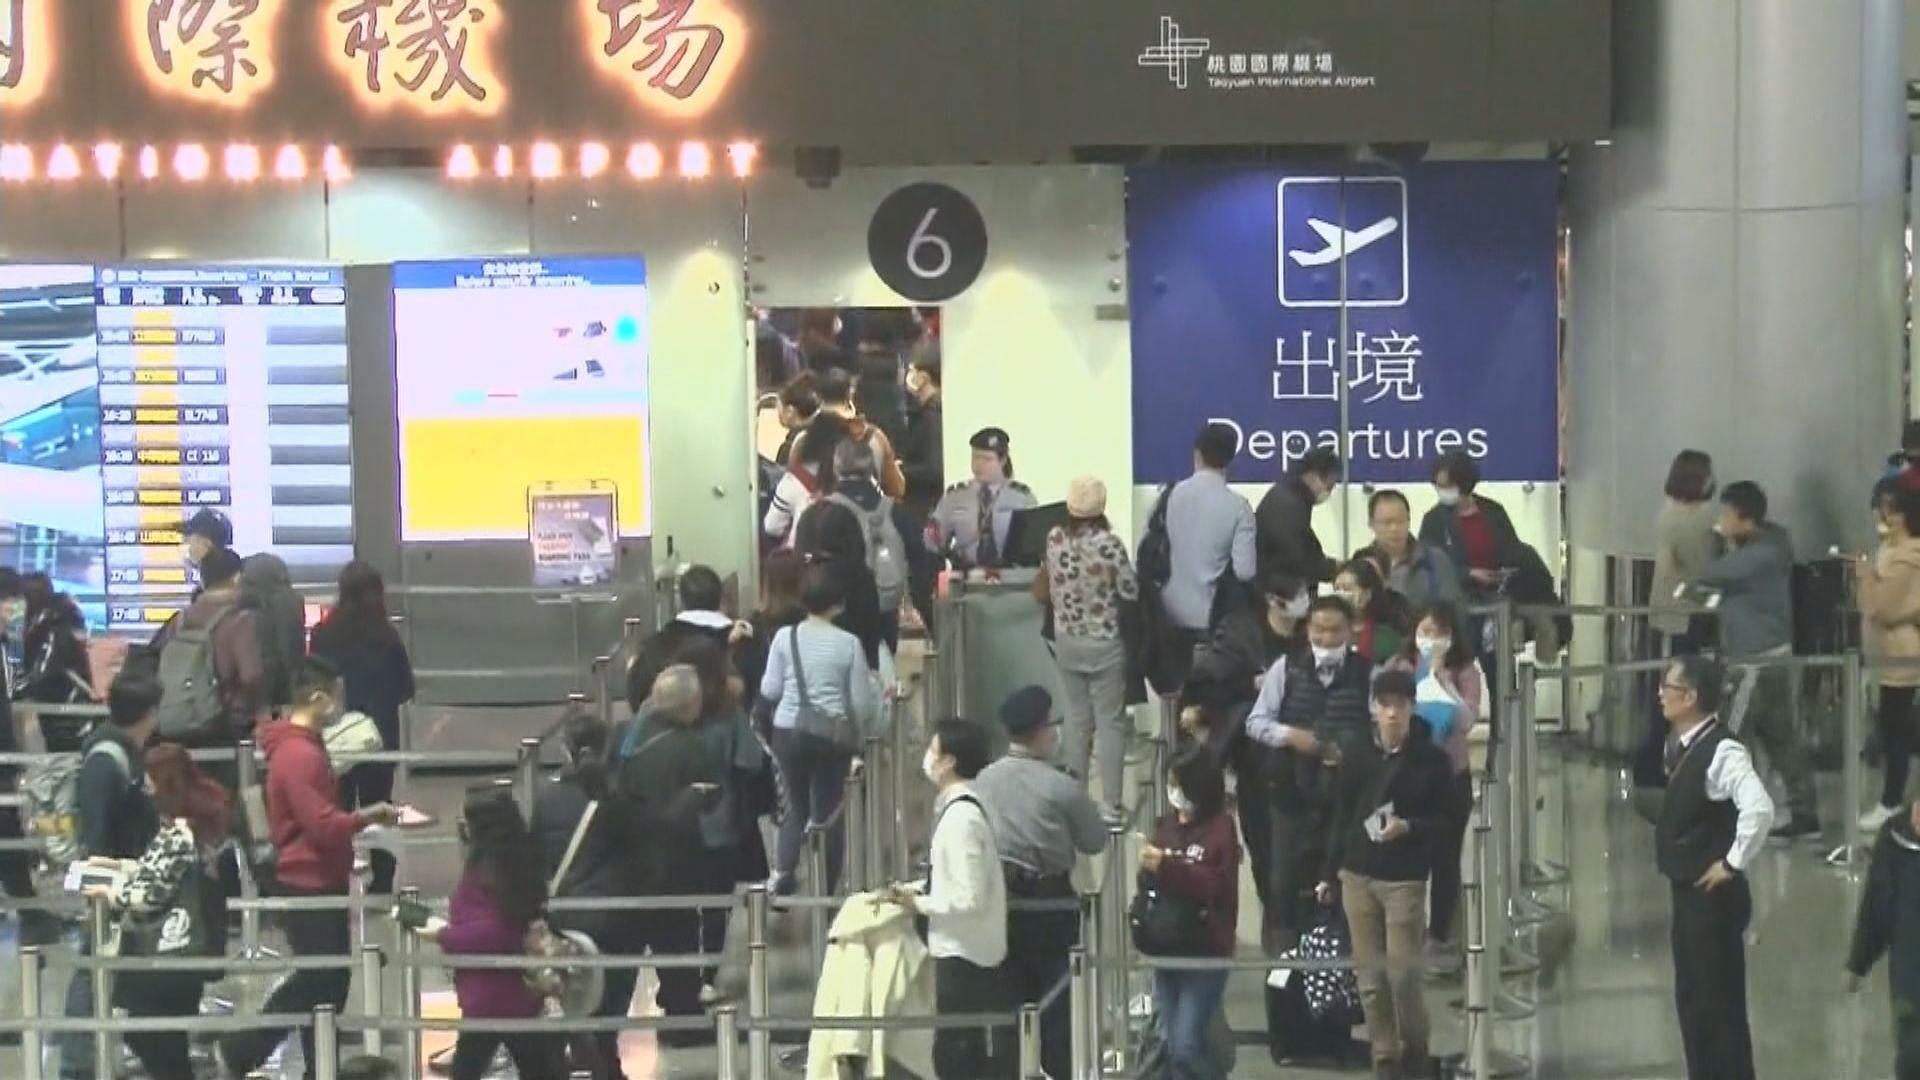 台灣帕勞啟動旅遊氣泡 行程規劃須符五大防疫原則